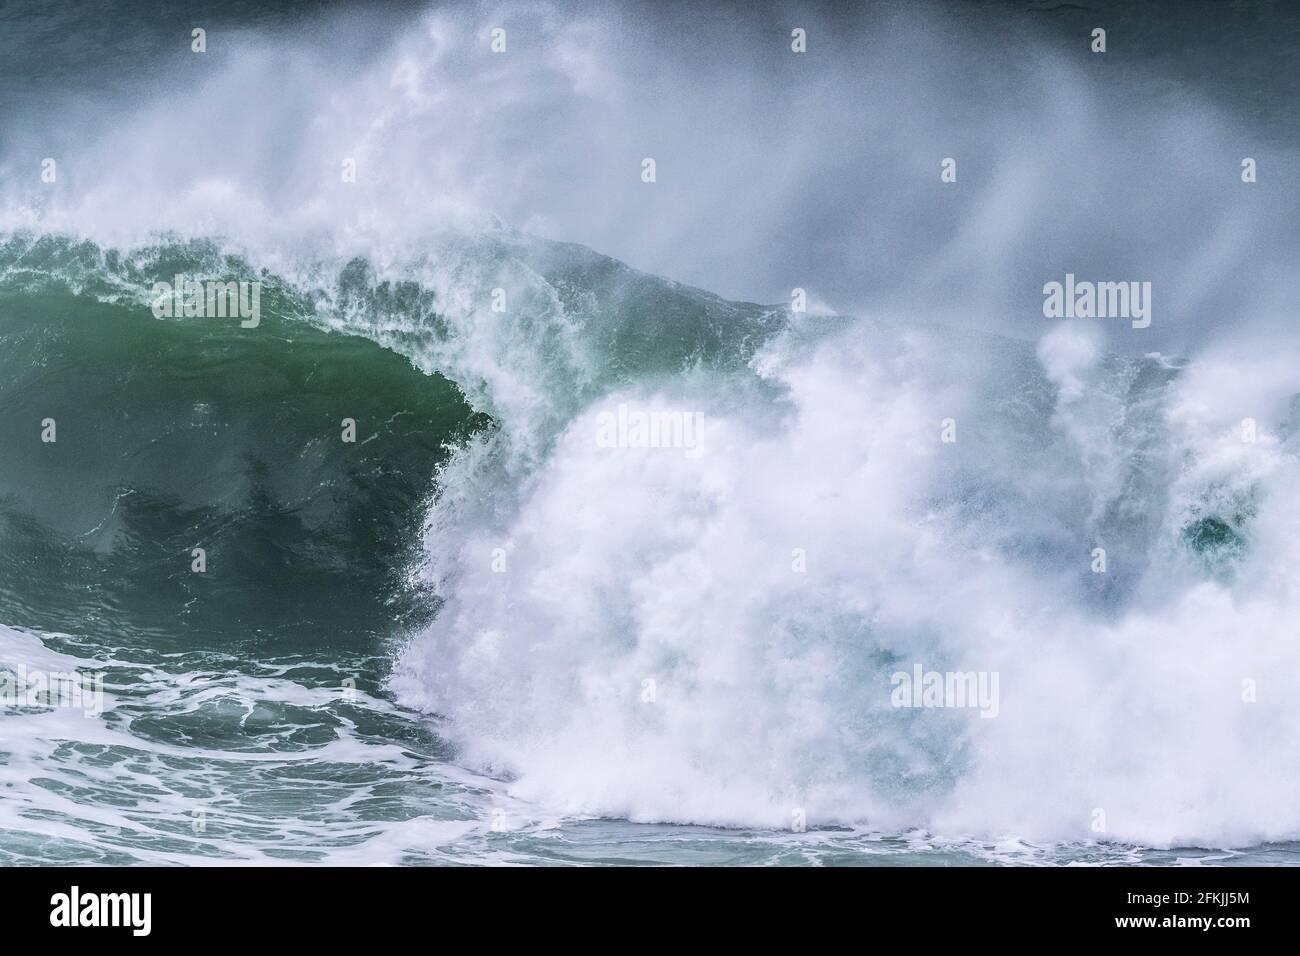 Un'onda selvaggia che si infrana sulla barriera corallina di Cribbar al largo di Towan Head a Newquay in Cornovaglia. Foto Stock